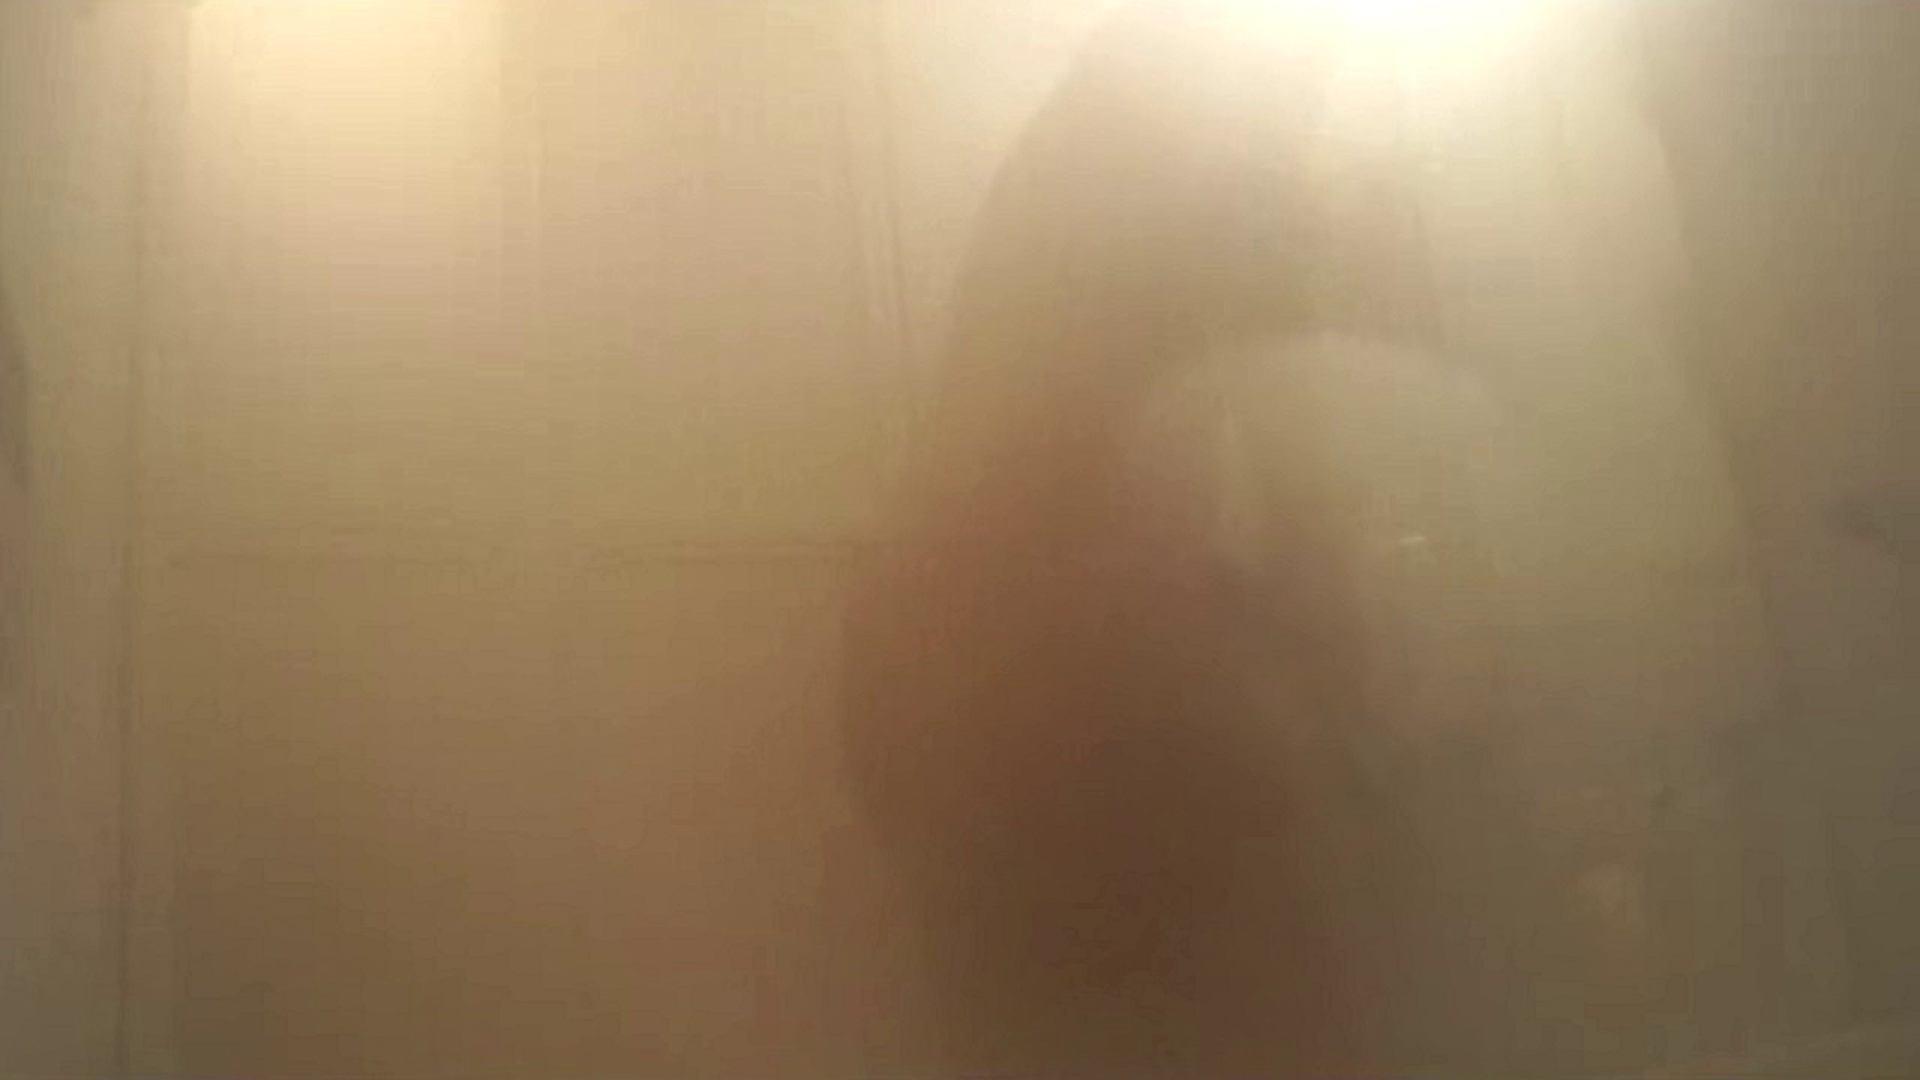 vol.1 よく成長し女性らしい体付きになりましたね ギャル攻め | シャワー室  93画像 85